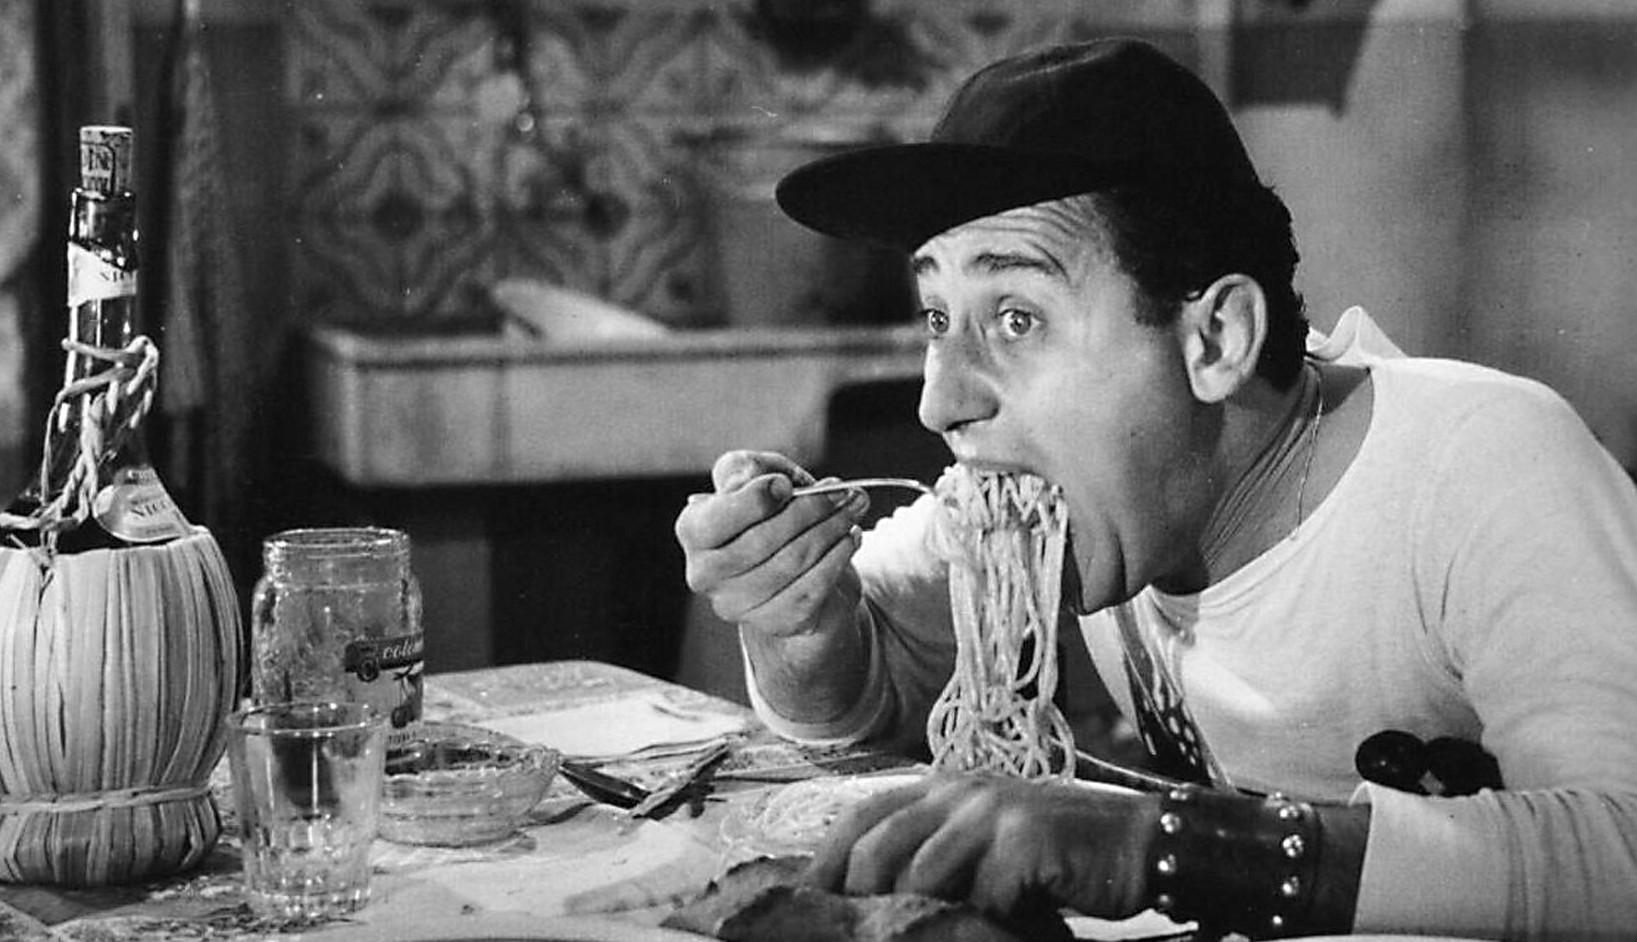 Alberto_Sordi_-_scena_degli_spaghetti_-_Un_americano_a_Roma_28195429